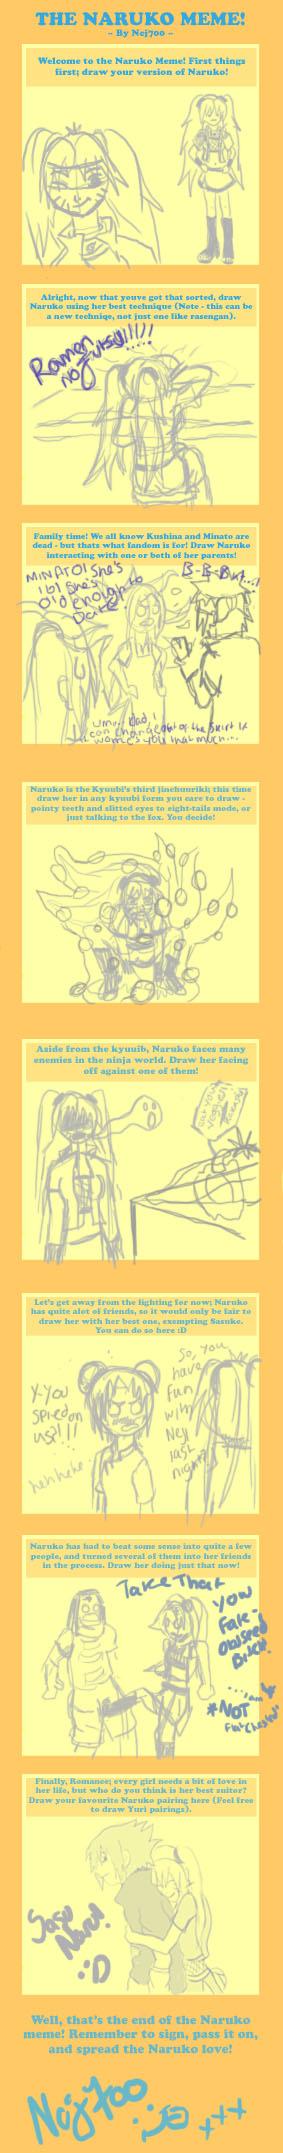 The Naruko Meme - V1.2 by Ncj700